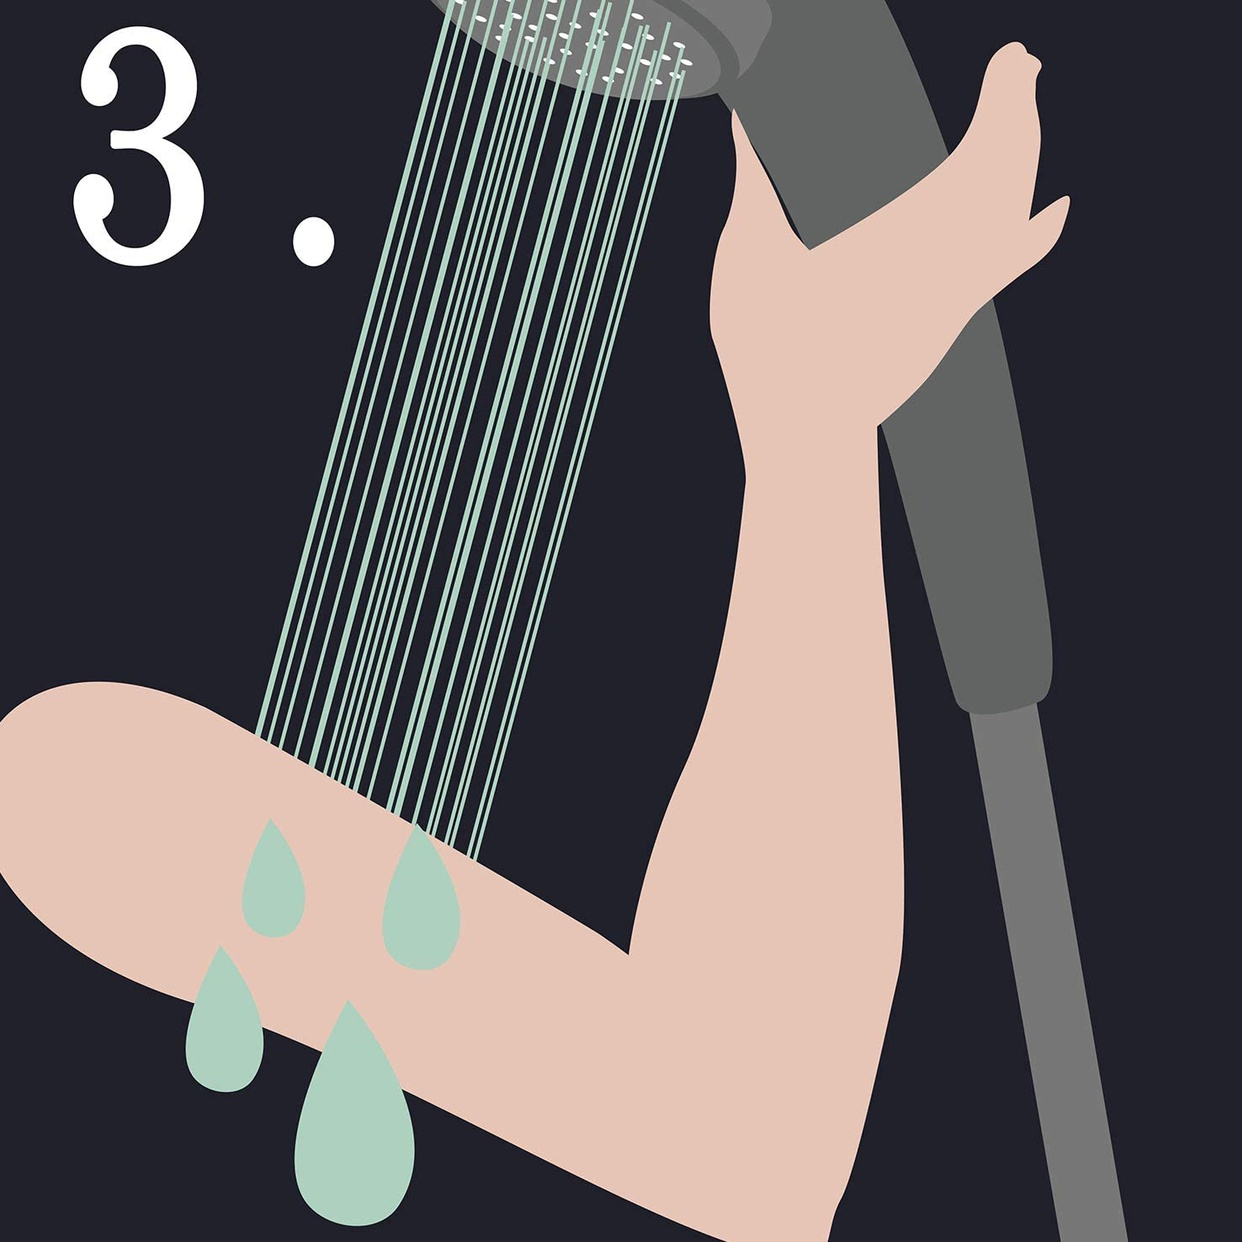 ペリカン石鹸(PELICAN SOAP) 二の腕ザラザラを洗う重曹石けんの商品画像5